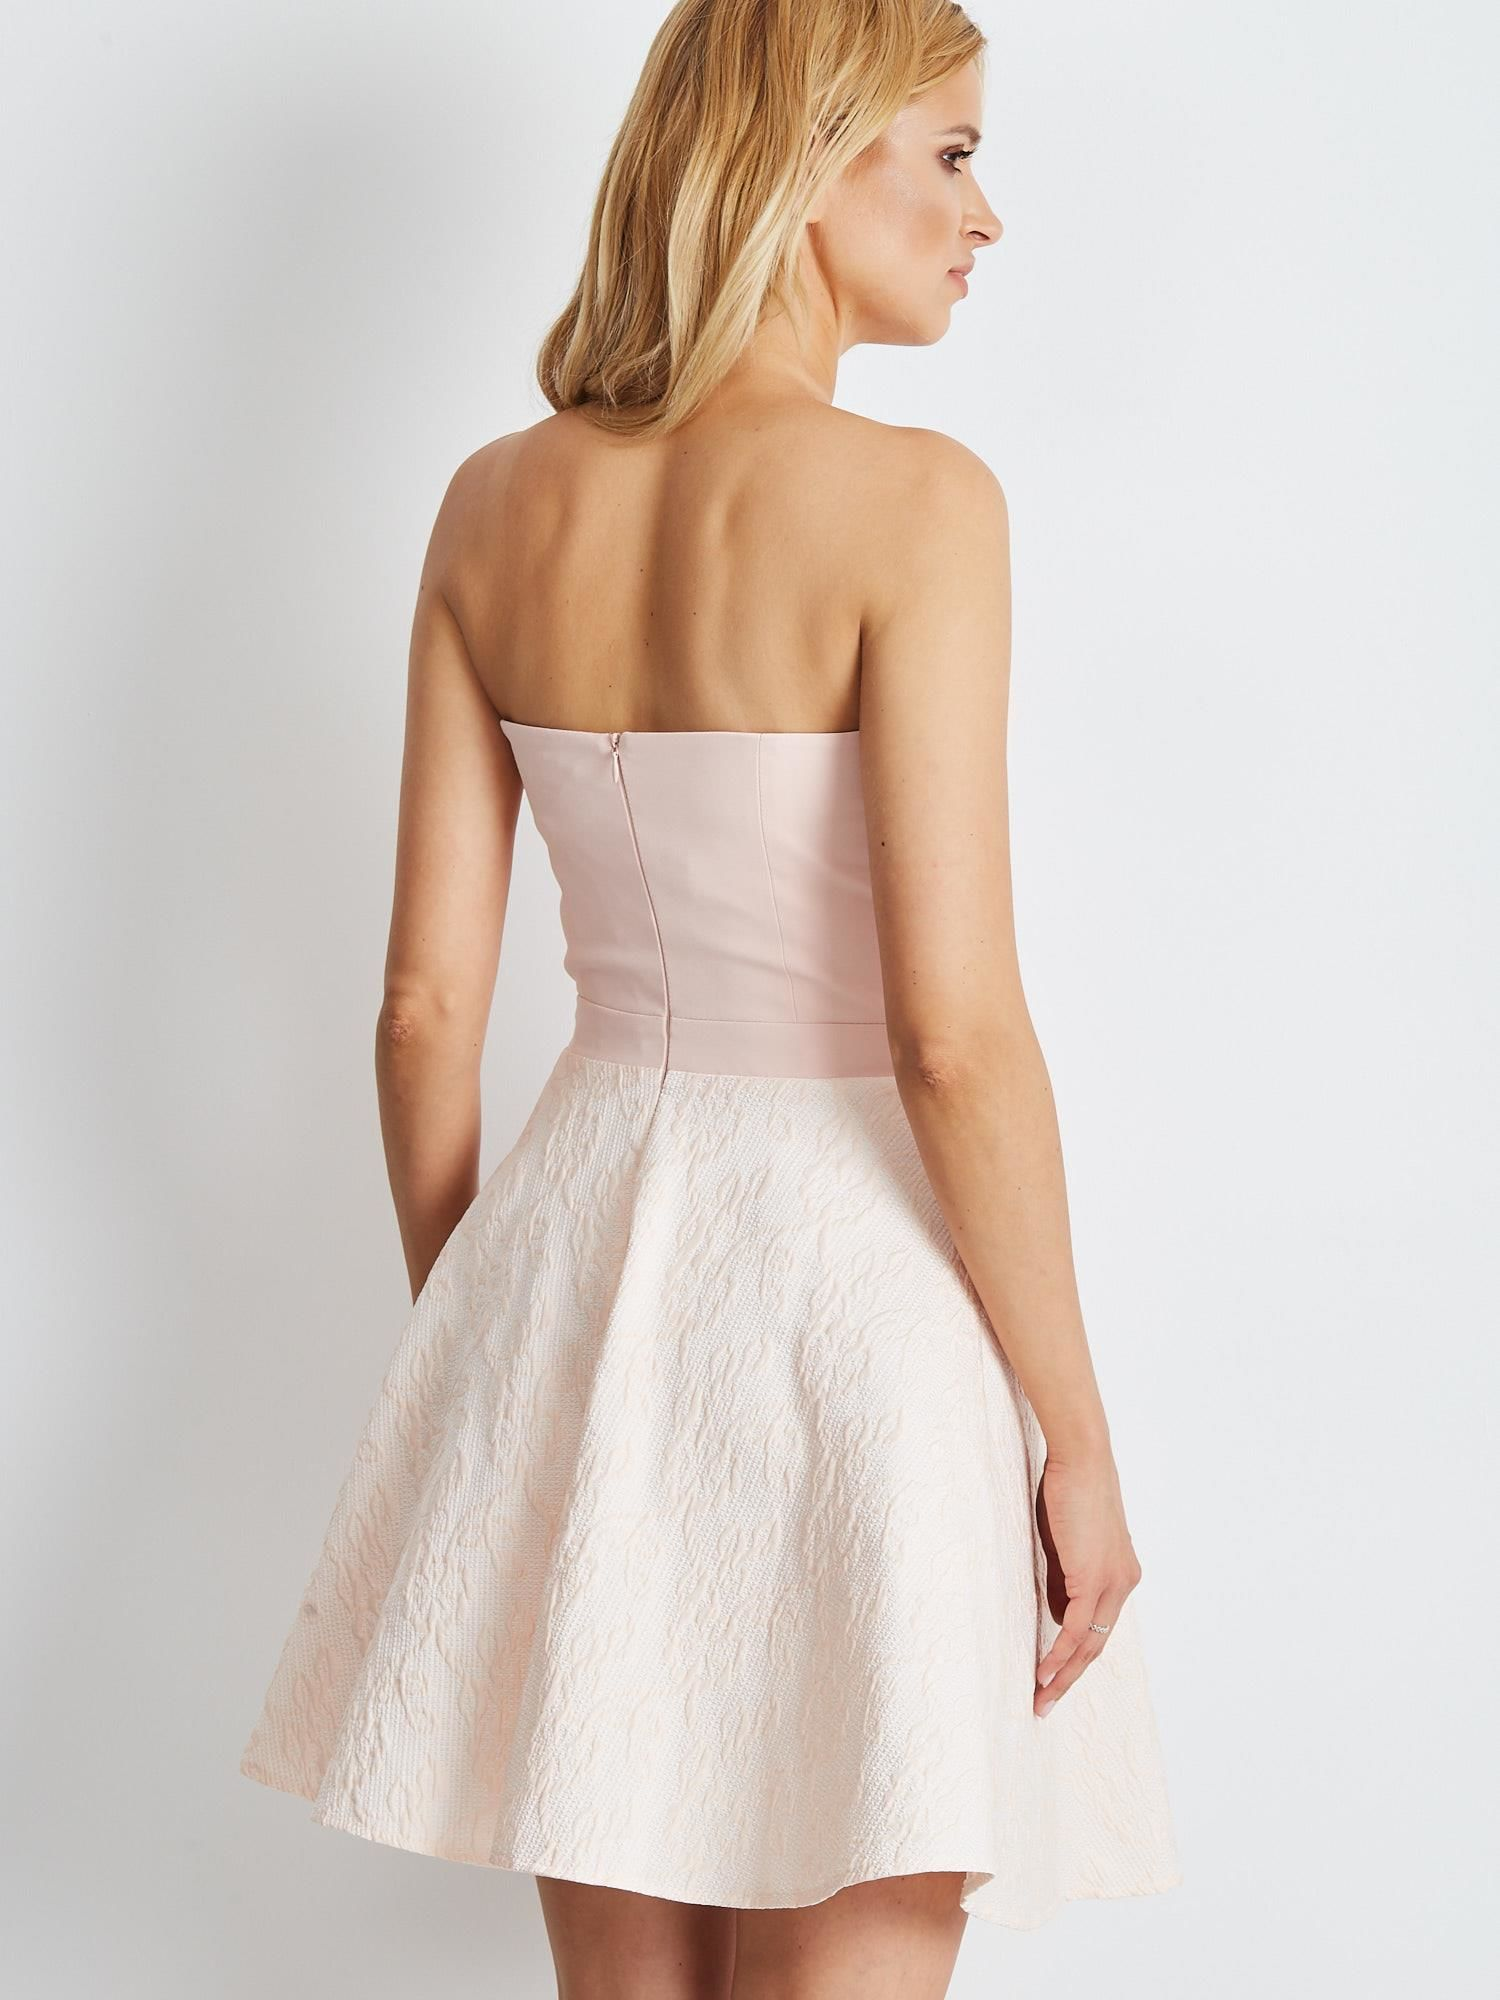 d40e42d8891f5d Jasnoróżowa rozkloszowana sukienka bez ramiączek - Sukienka ...